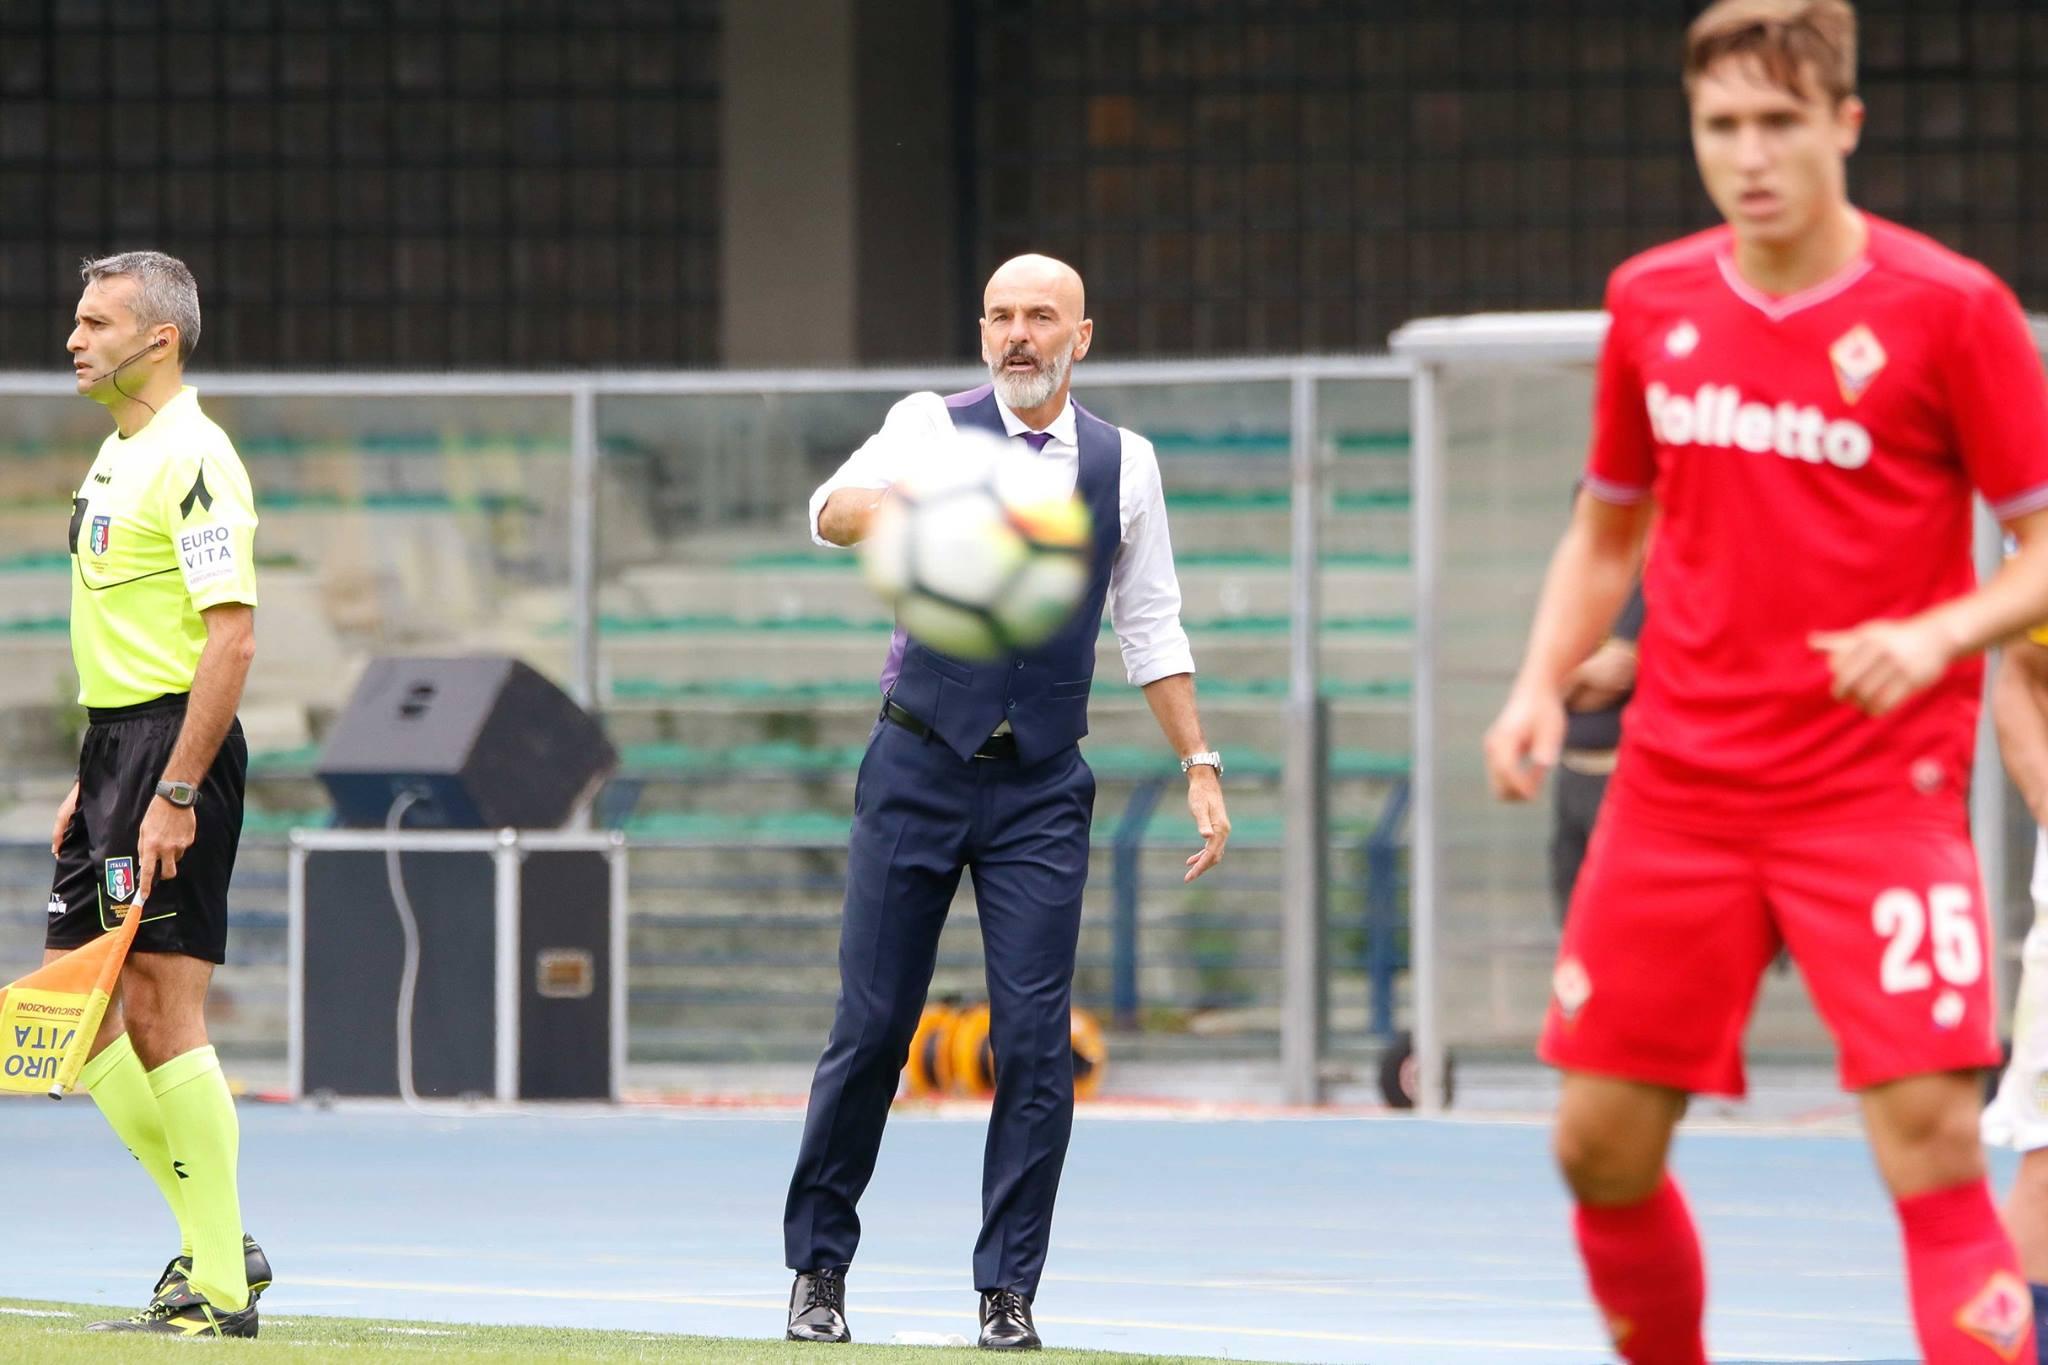 Fiorentina a valanga sul Verona: 5-0 netto ed ecco i primi tre punti della stagione